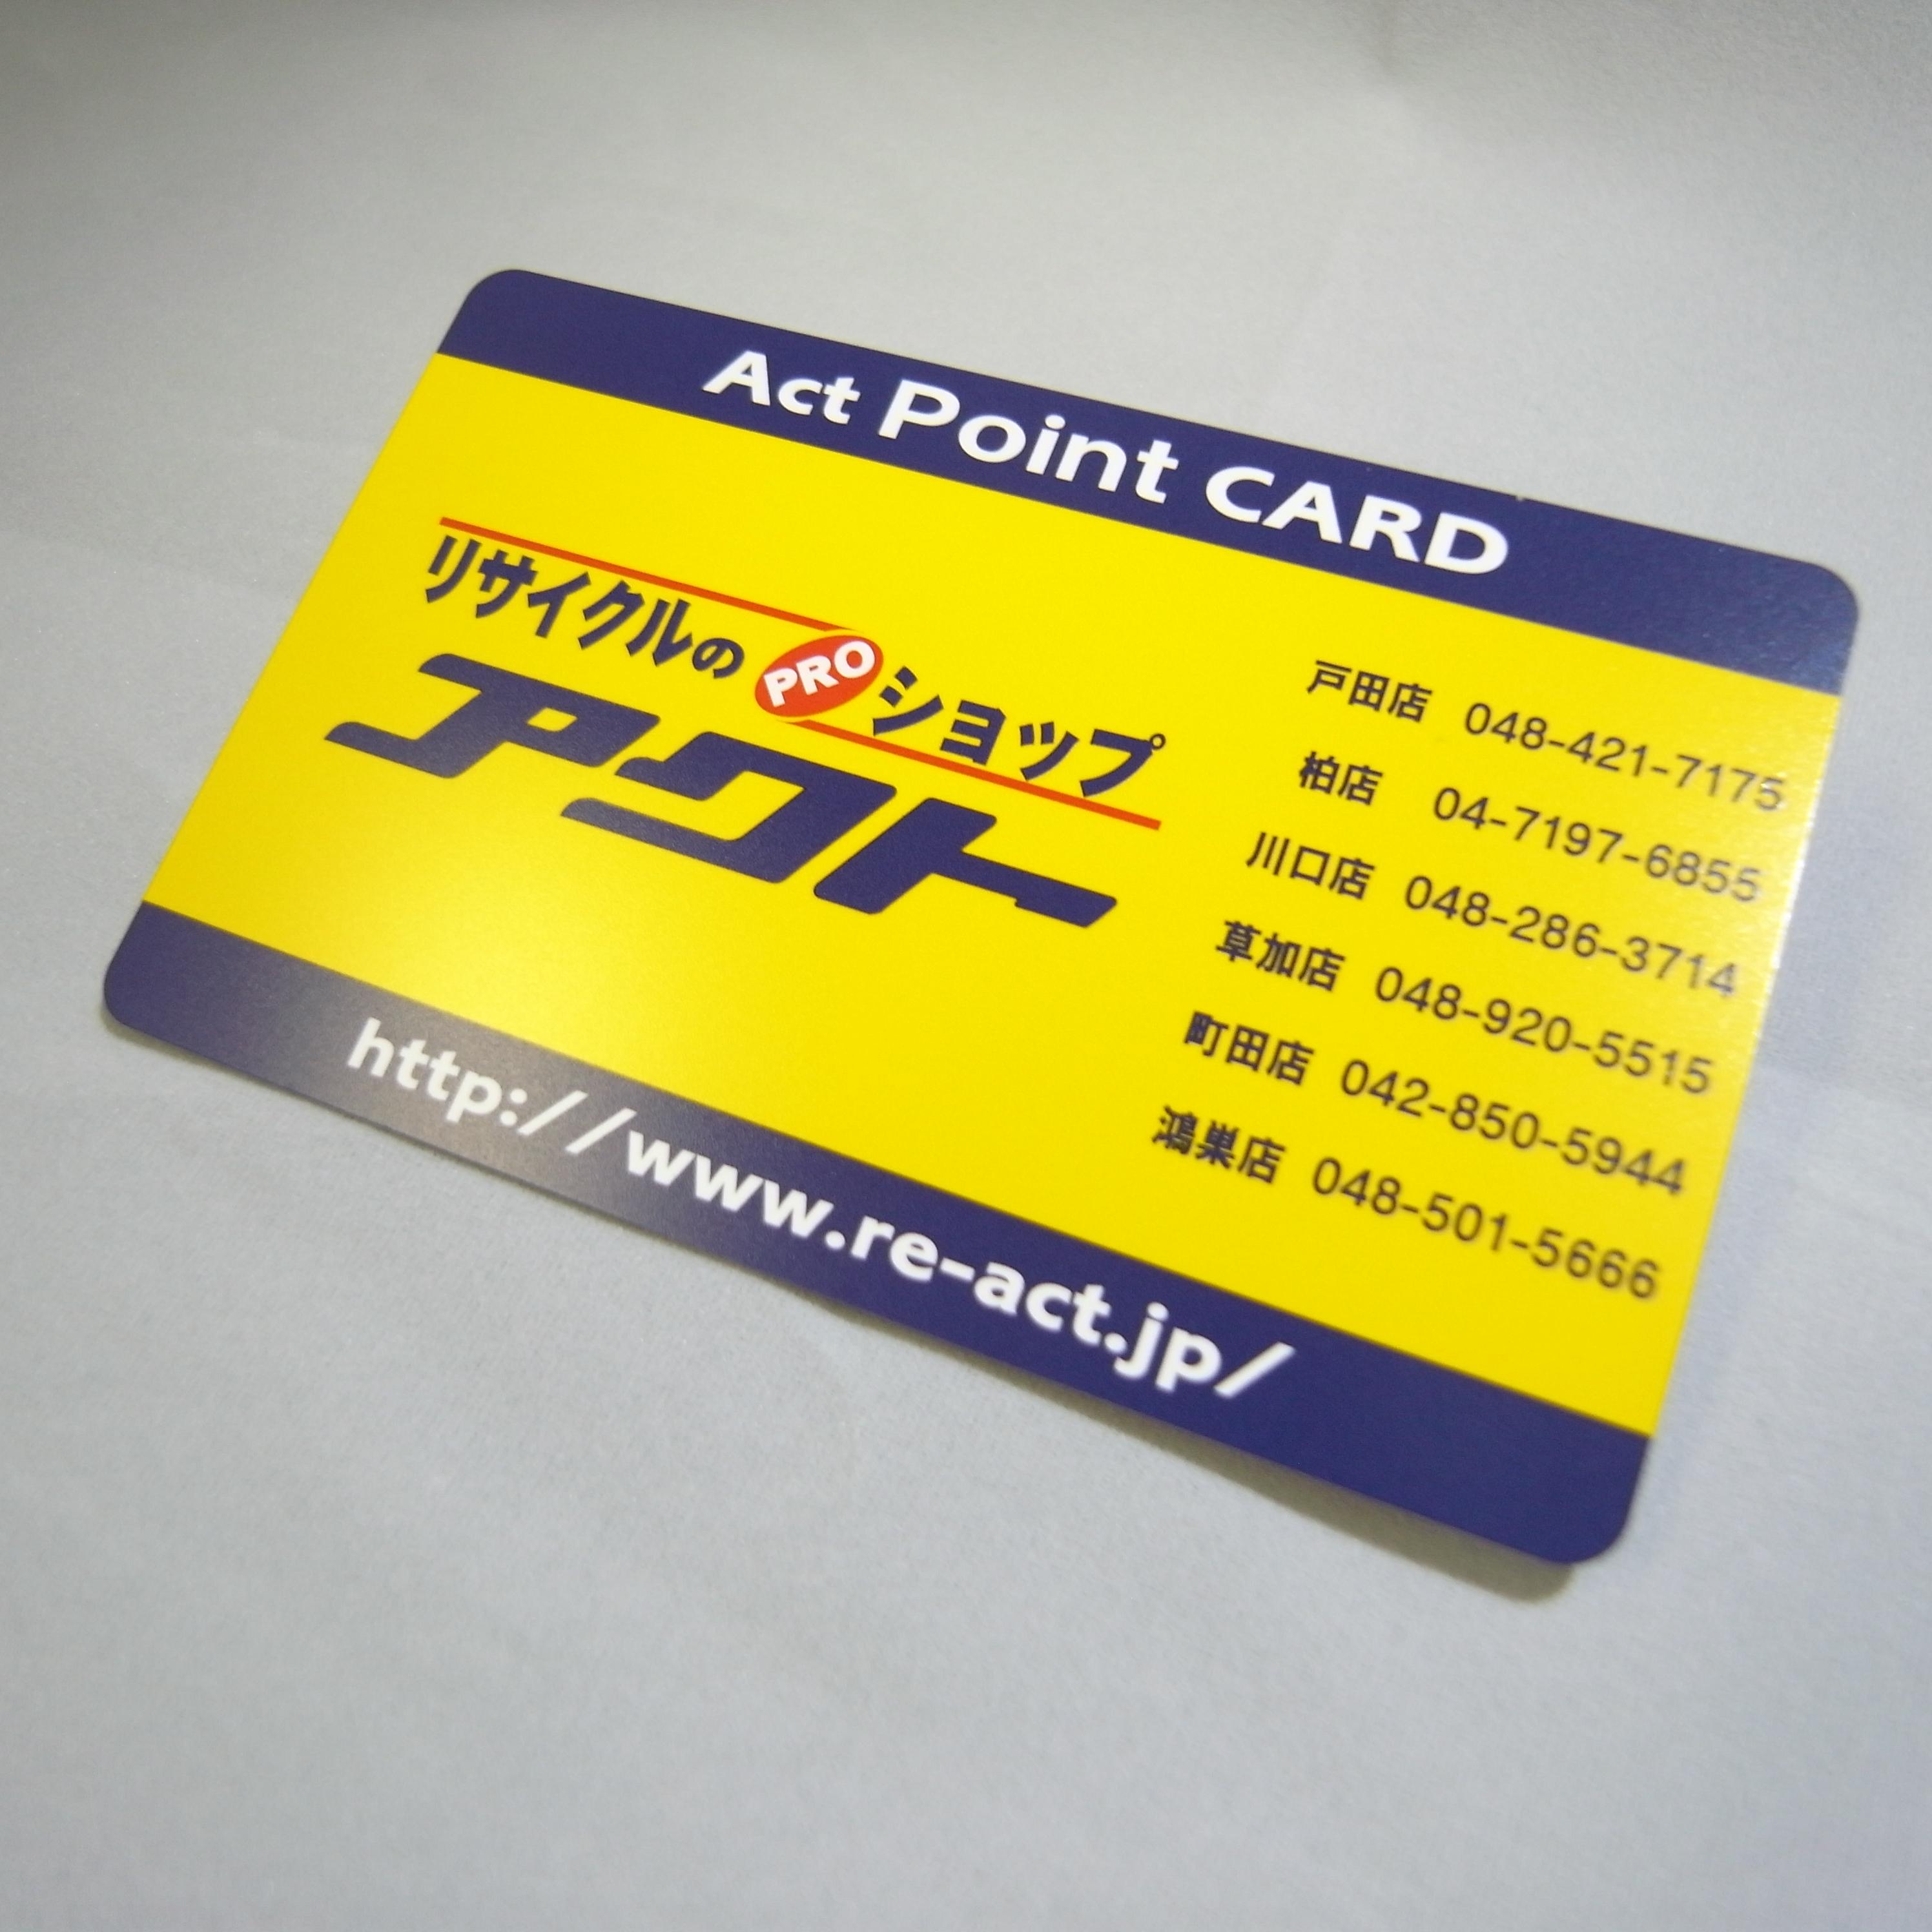 アクトメンバーズカード